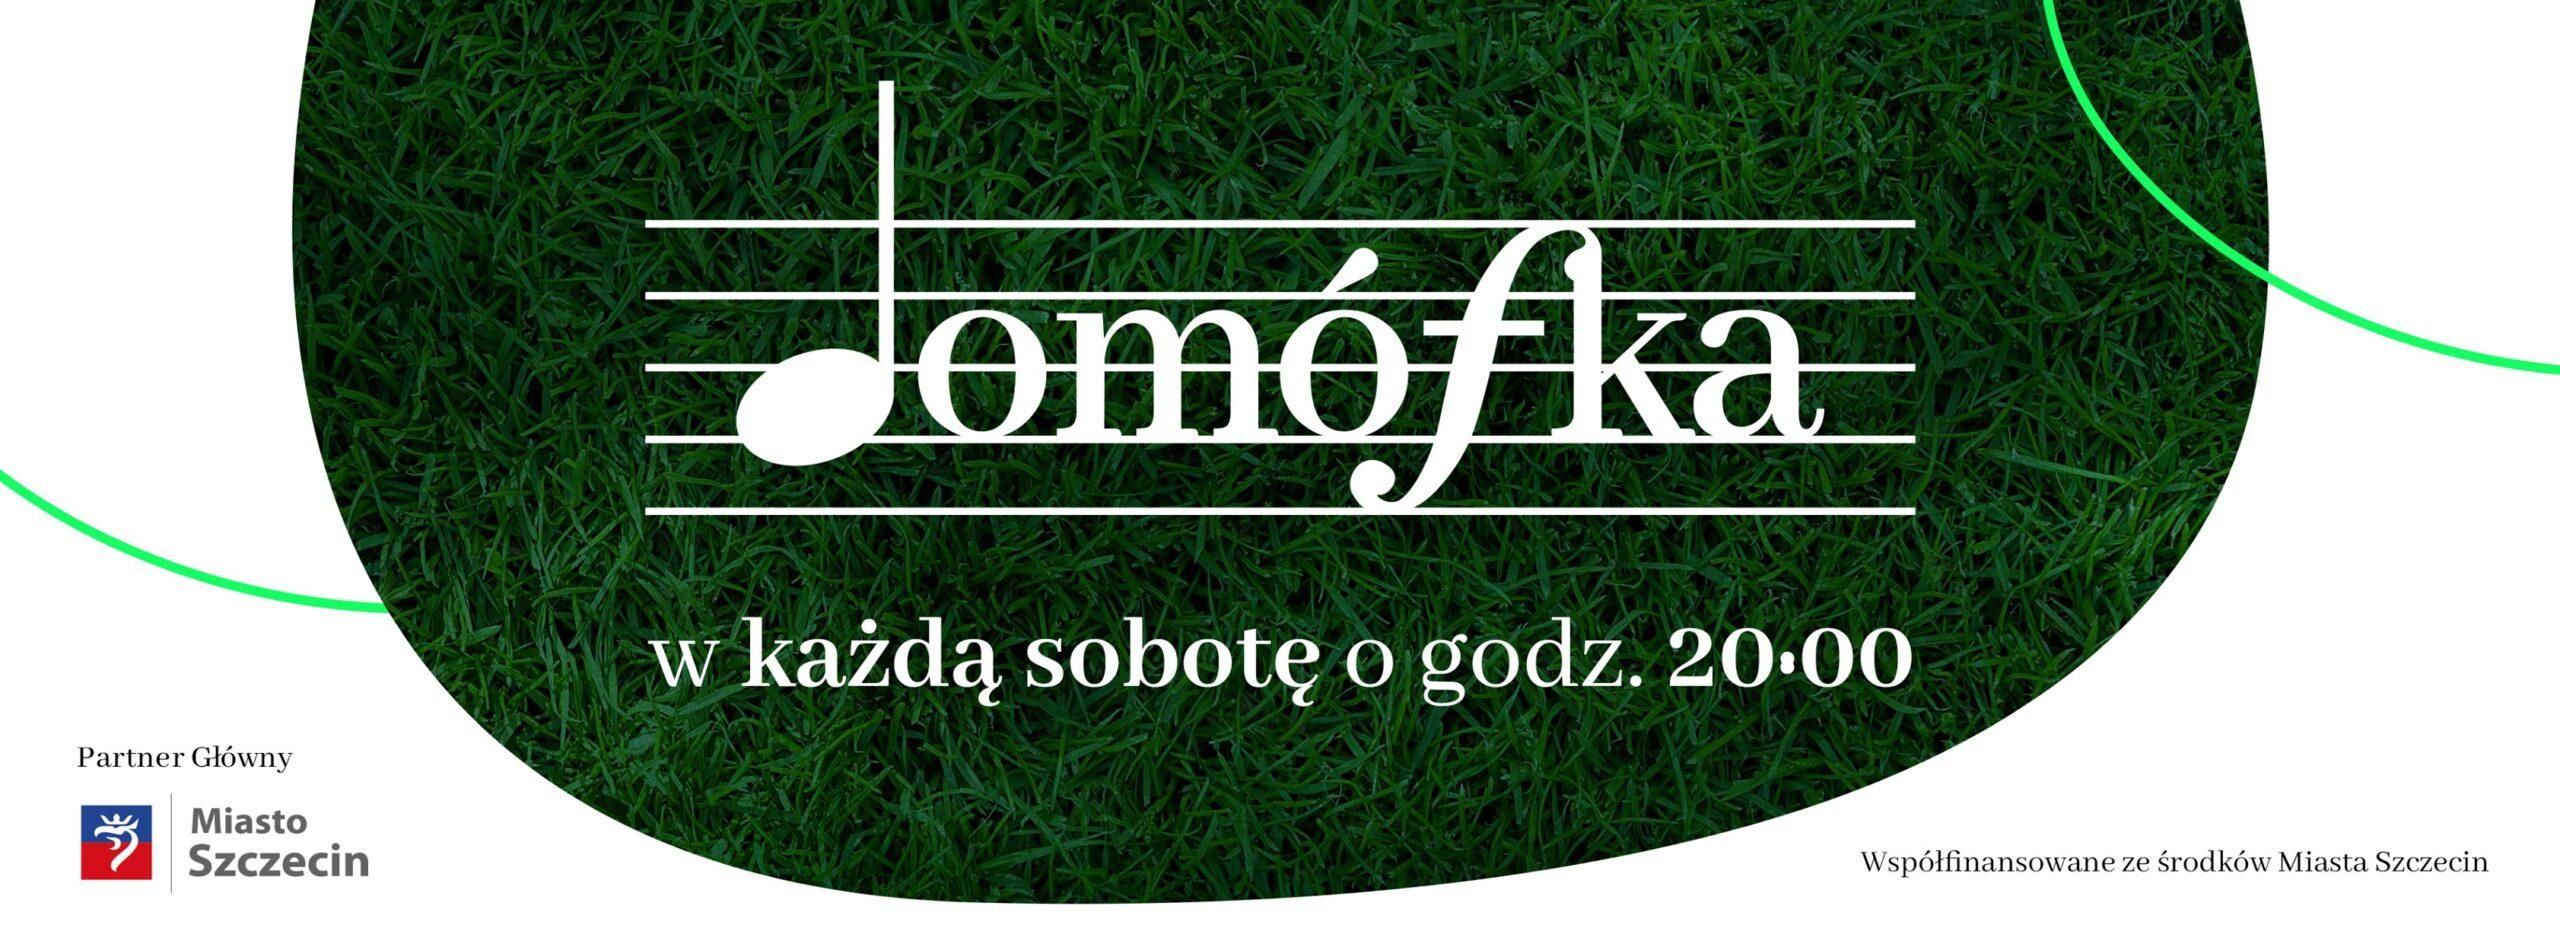 Ostatnia domófka z Baltic Neopolis Orchestra